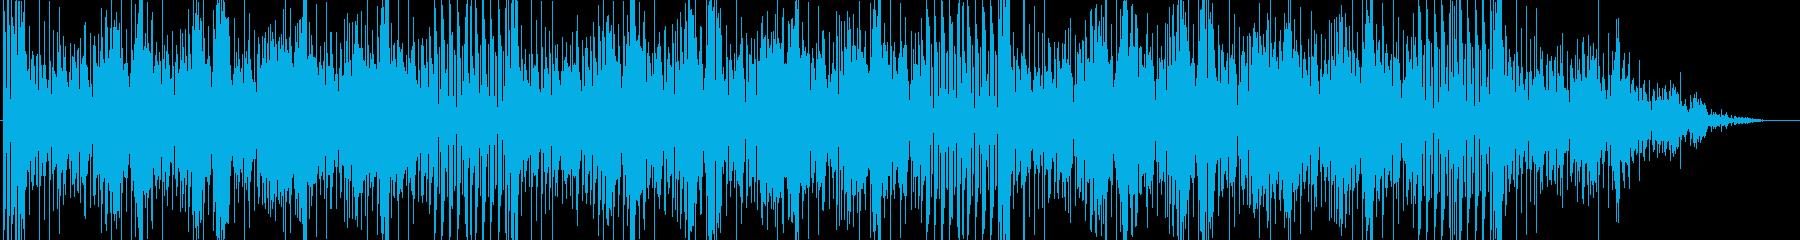 ルパン三世、名探偵コナン風テーマ曲の再生済みの波形